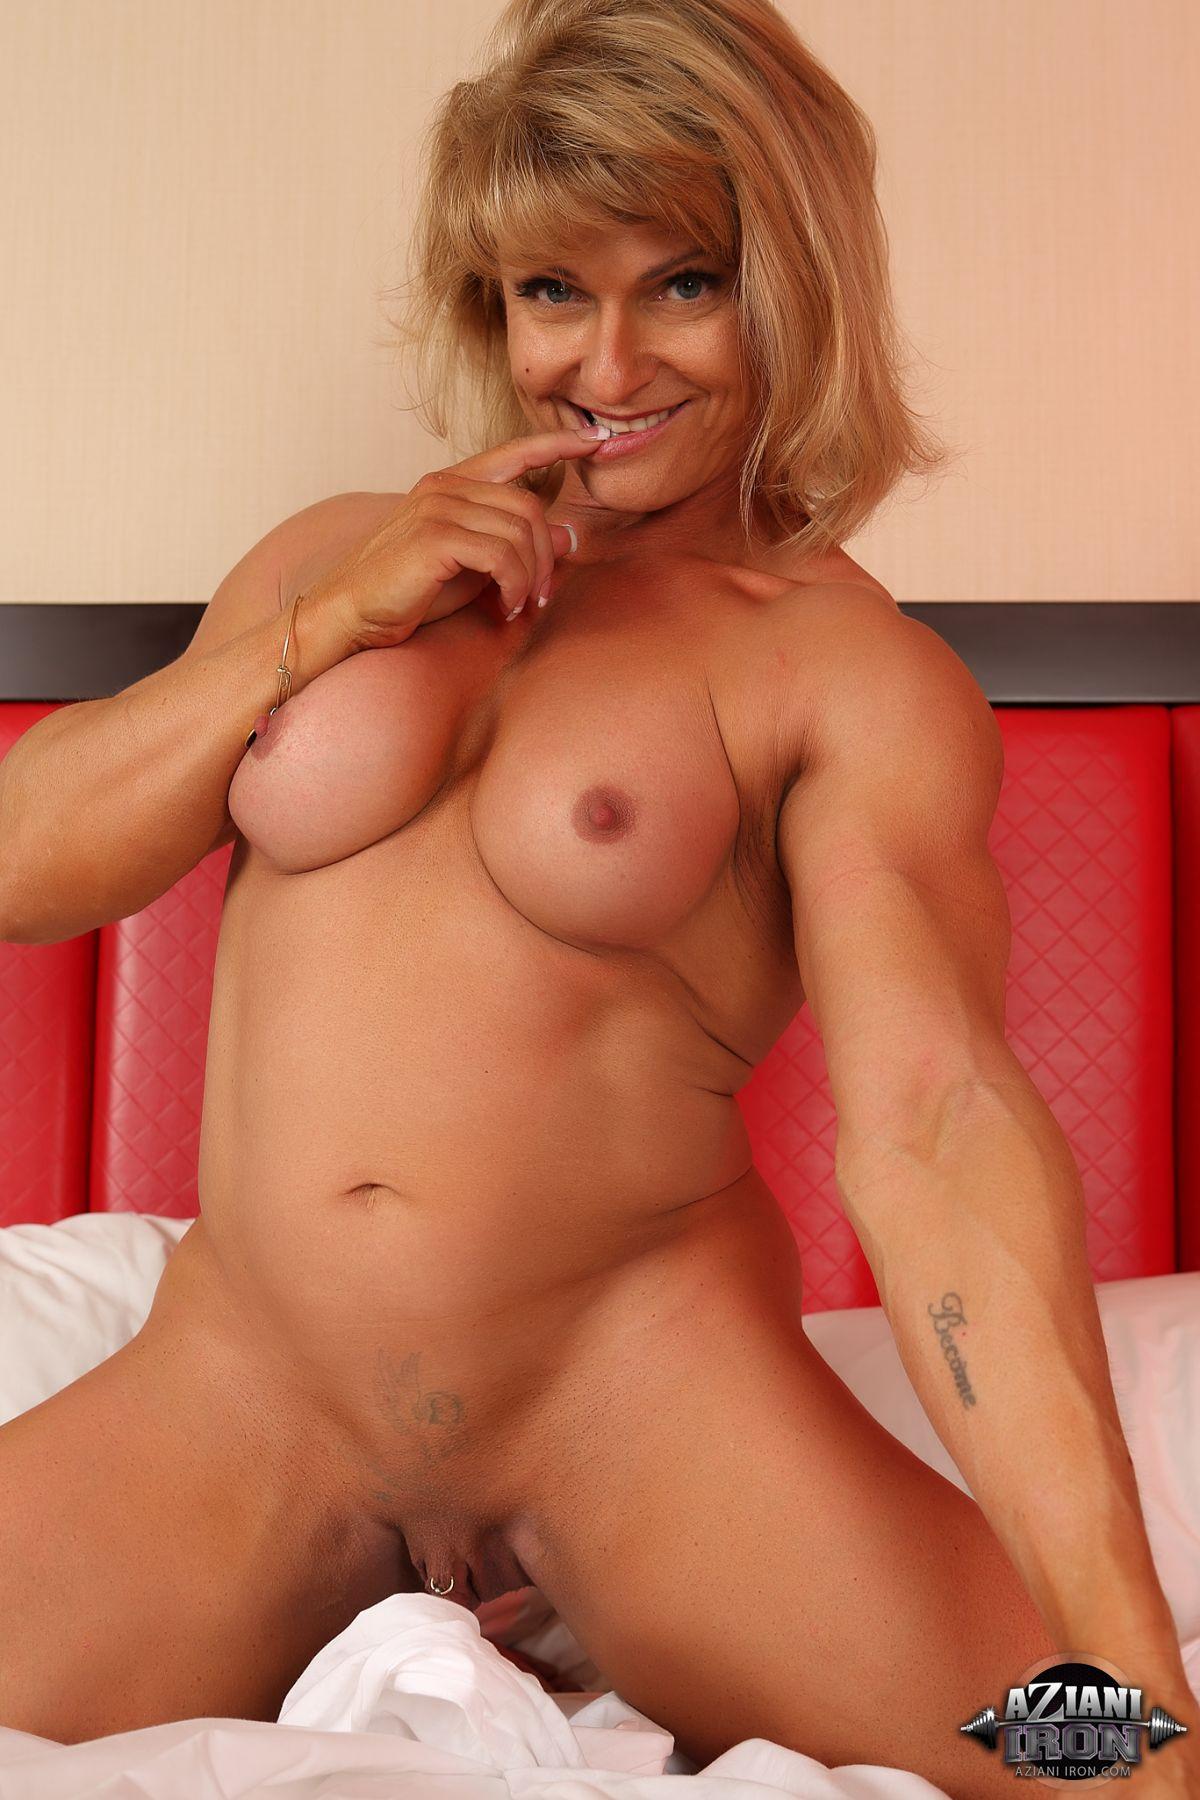 carla gugino pornstar look alike